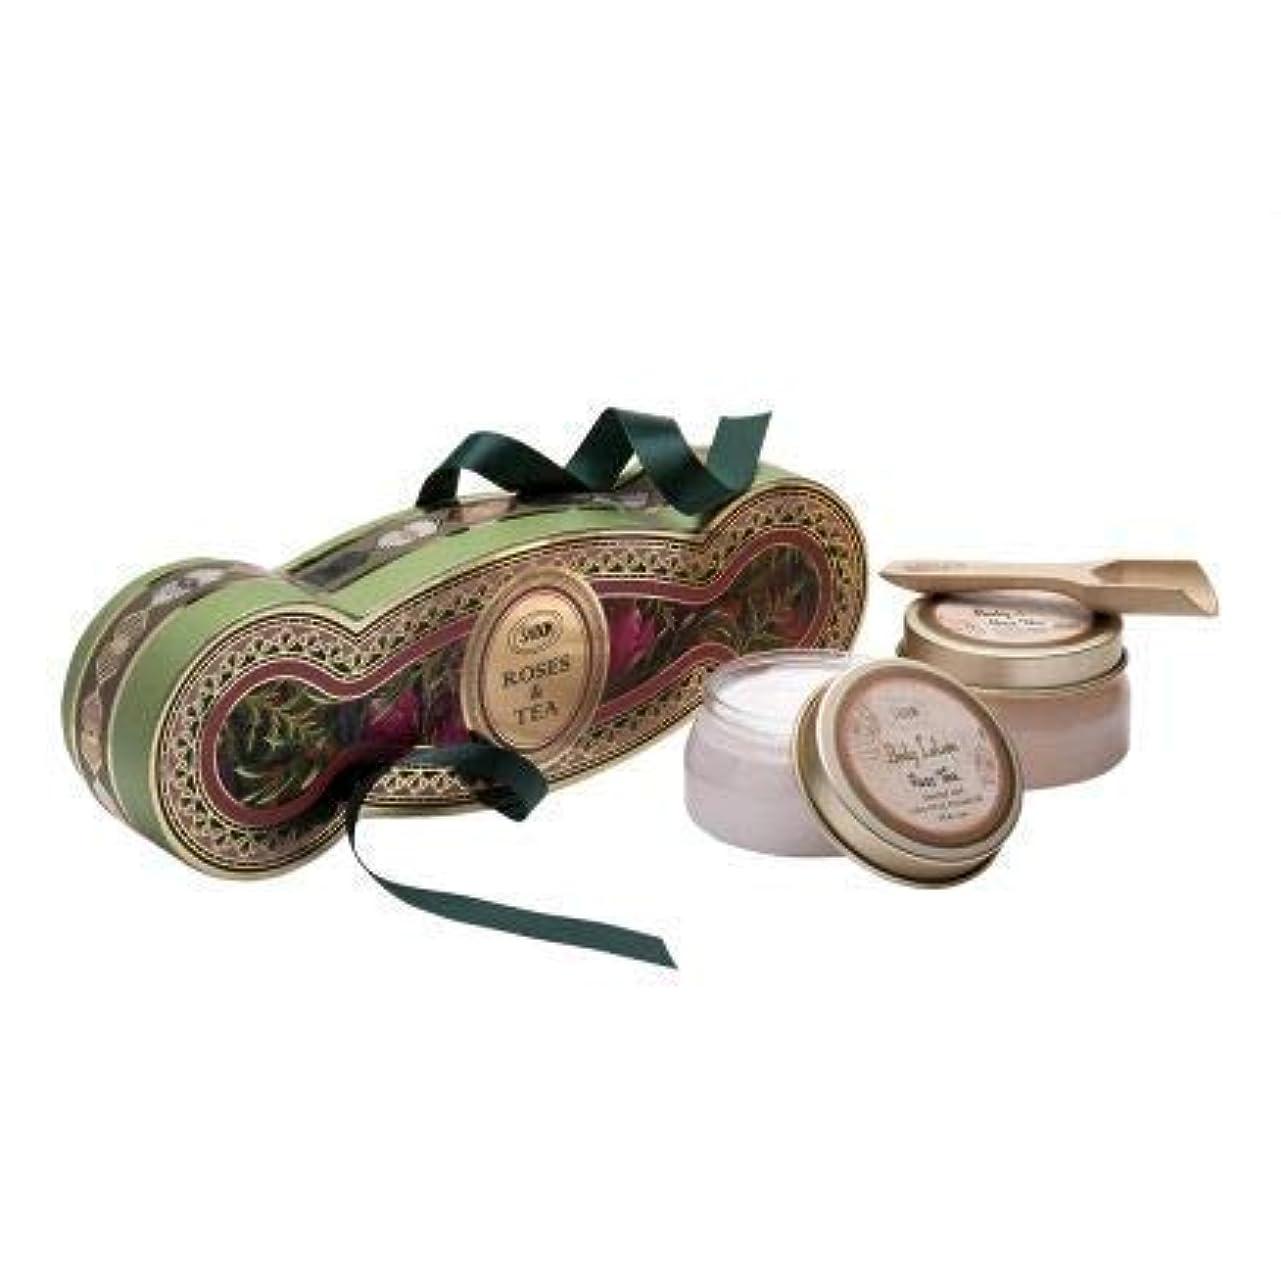 そこからロンドン桁サボン コフレ ギフト ローズティー キット ボディスクラブ ボディローション ホワイトデー SABON Rose Tea kit コレクション